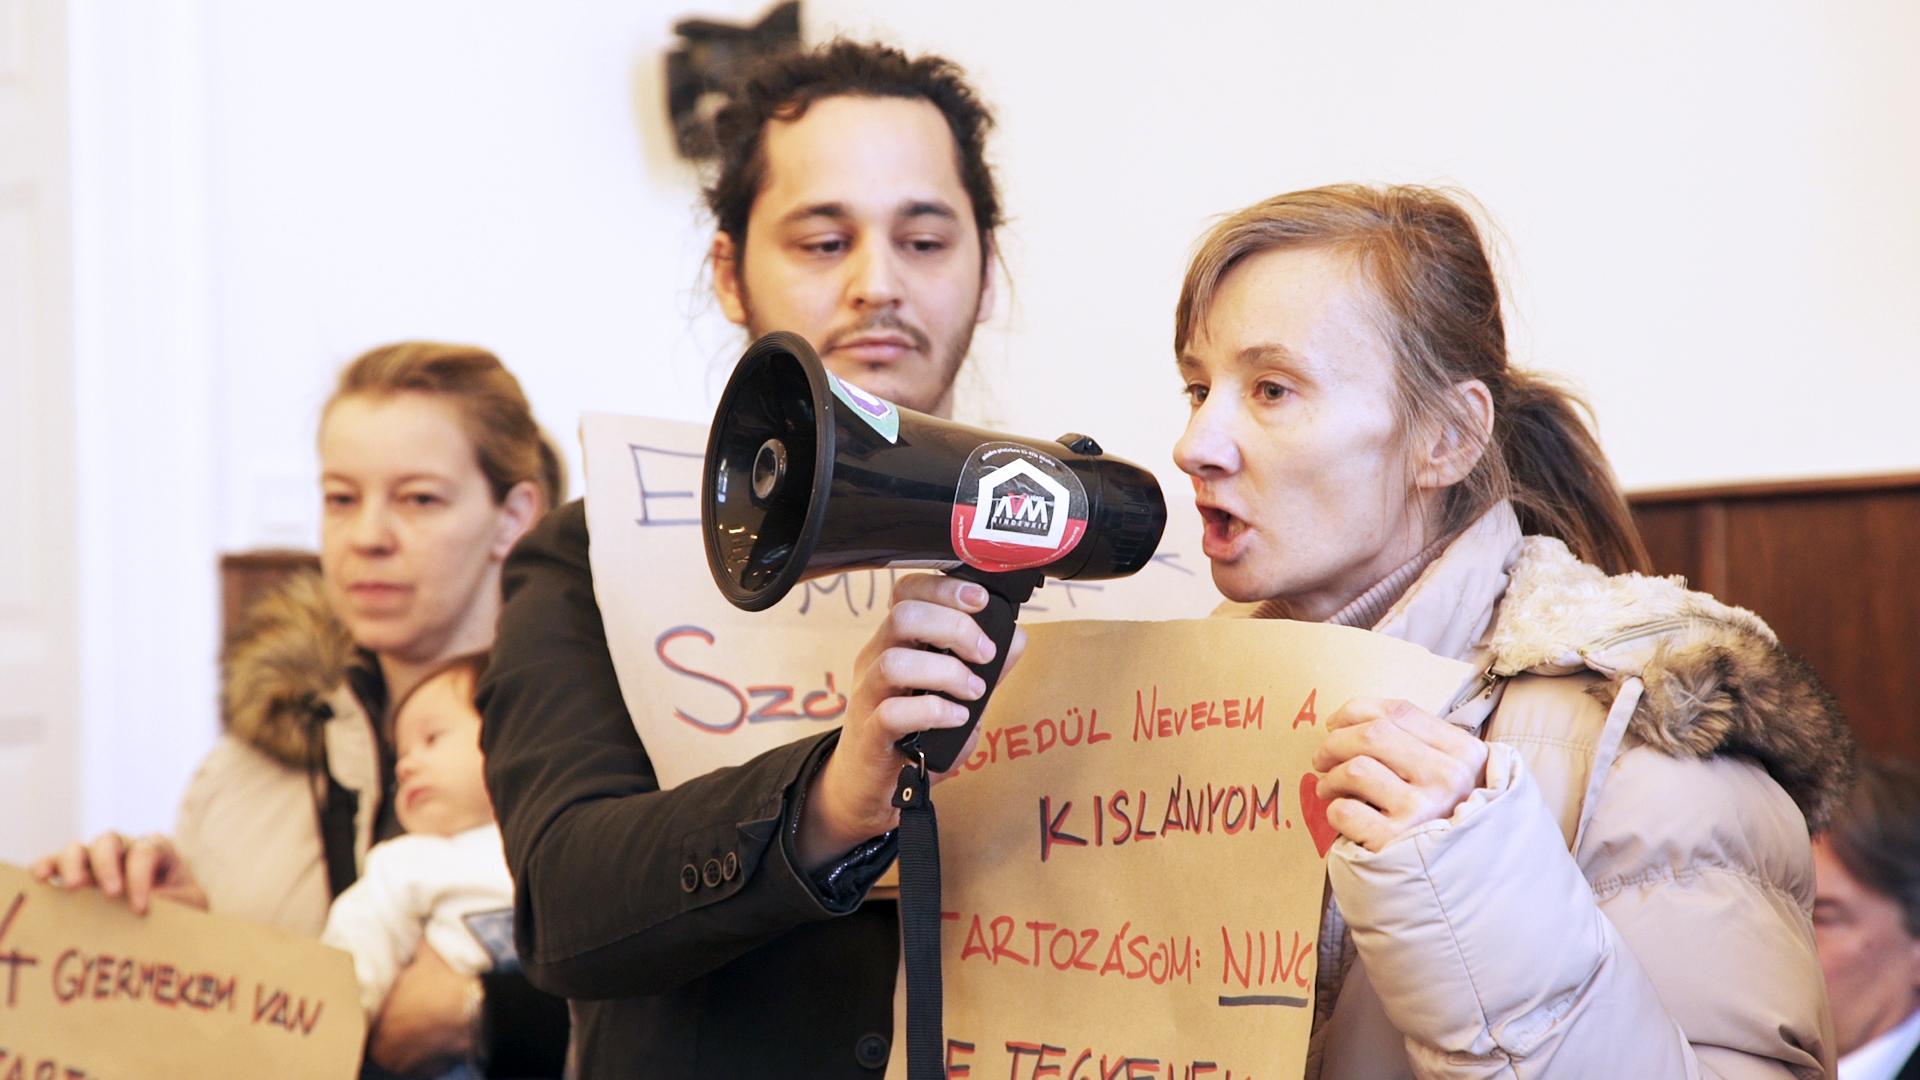 Már több mint 1300 kilakoltatásra került sor a moratórium májusi felfüggesztése óta